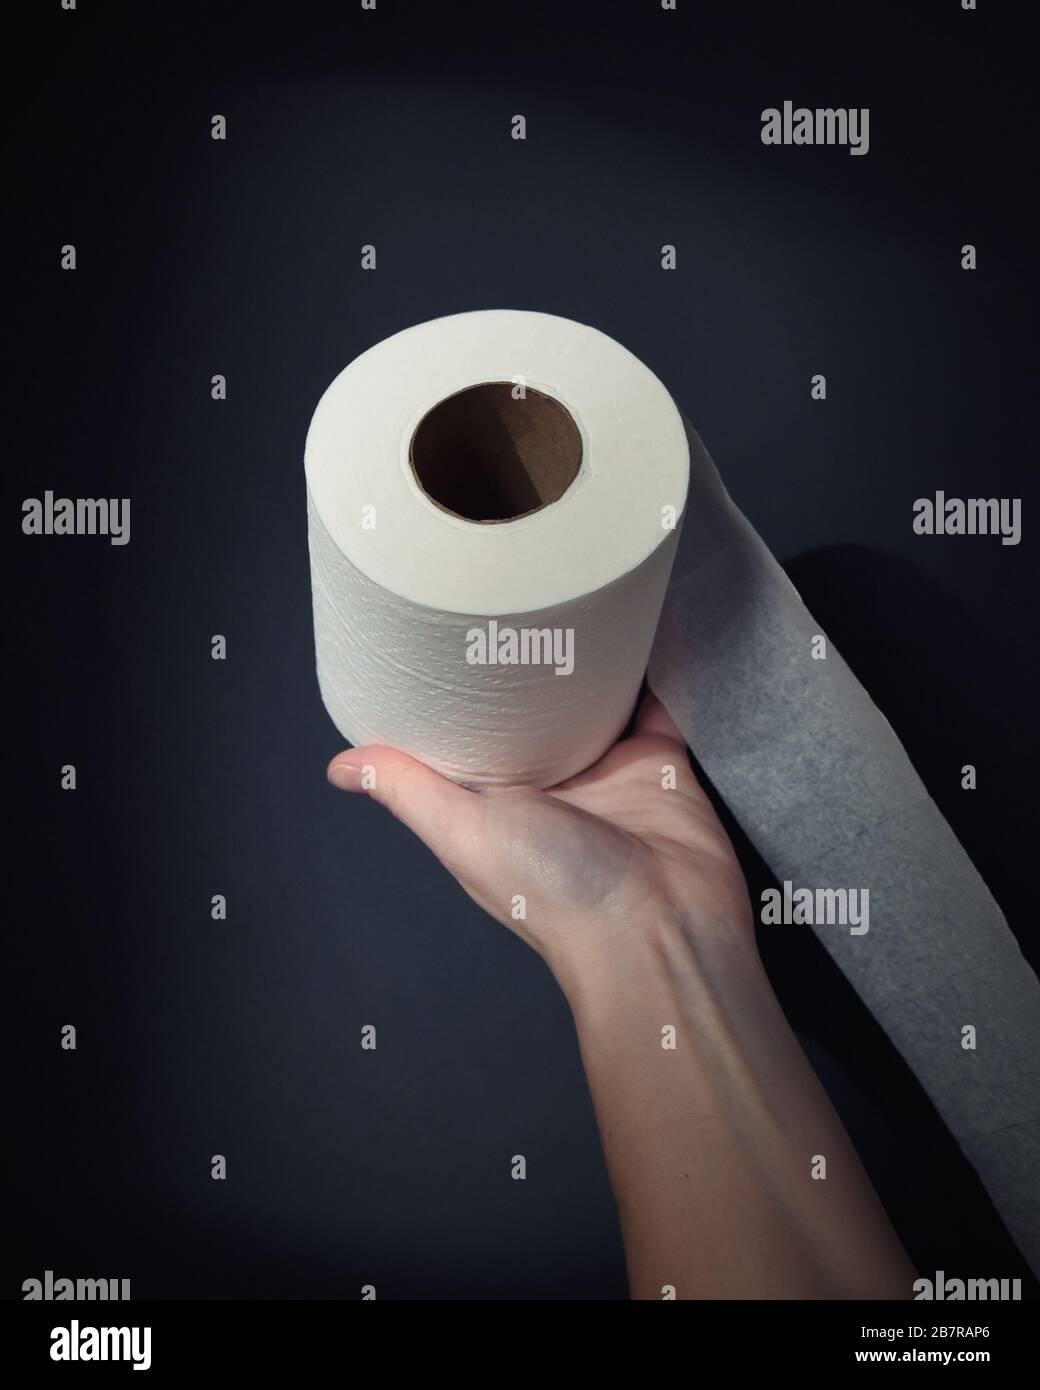 Una mano está sosteniendo un rollo de papel higiénico con un foco en el objeto para una escasez de la oferta y de la demanda del papel higiénico en la pandemia del virus de la corona. Foto de stock